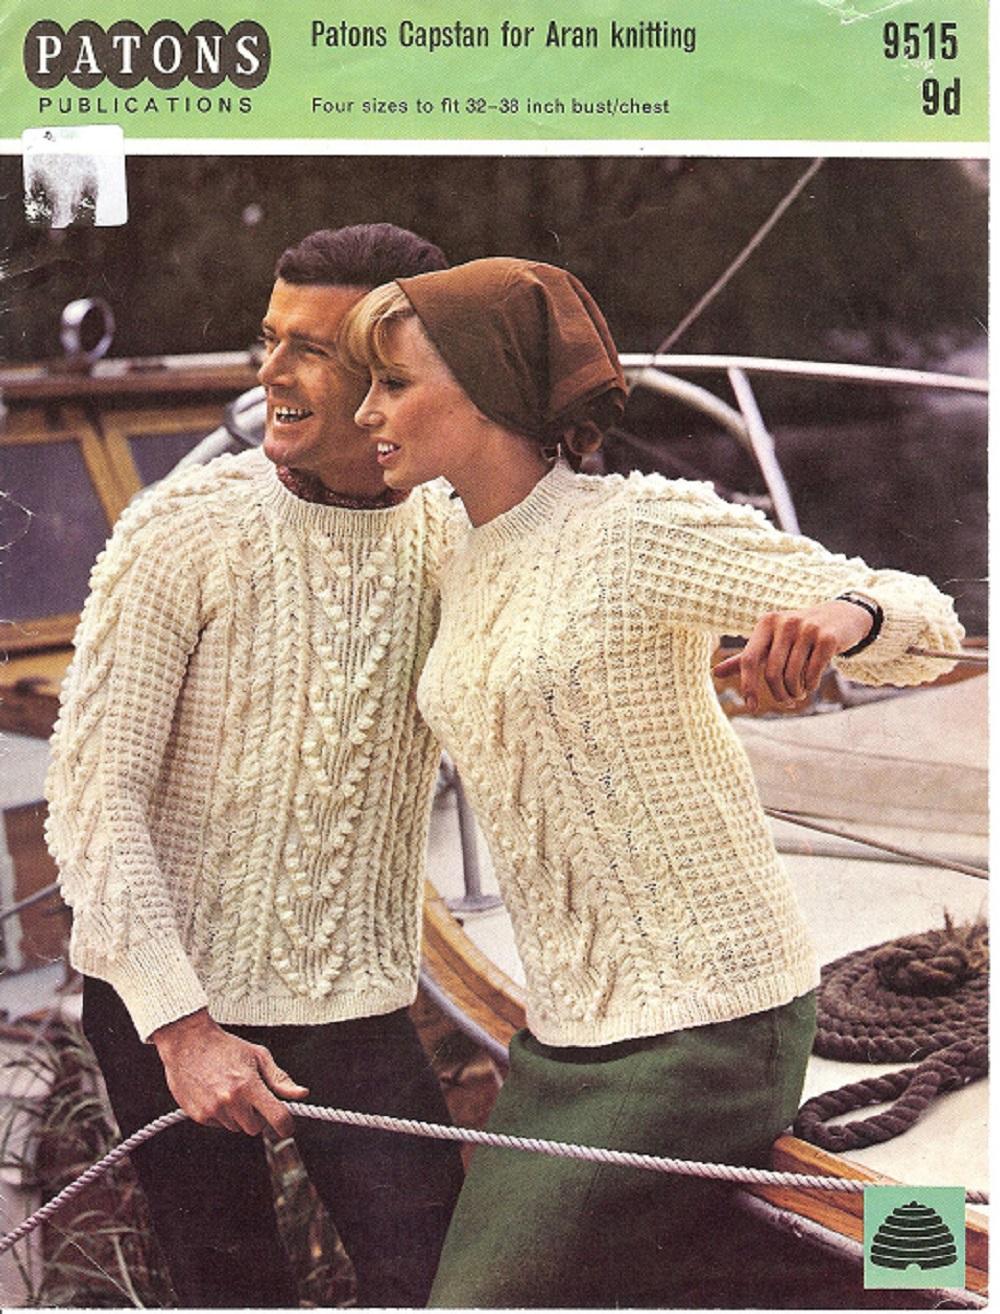 Aran Knitting Patterns Free Patons Aran Knitting Patterns Crochet And Knit